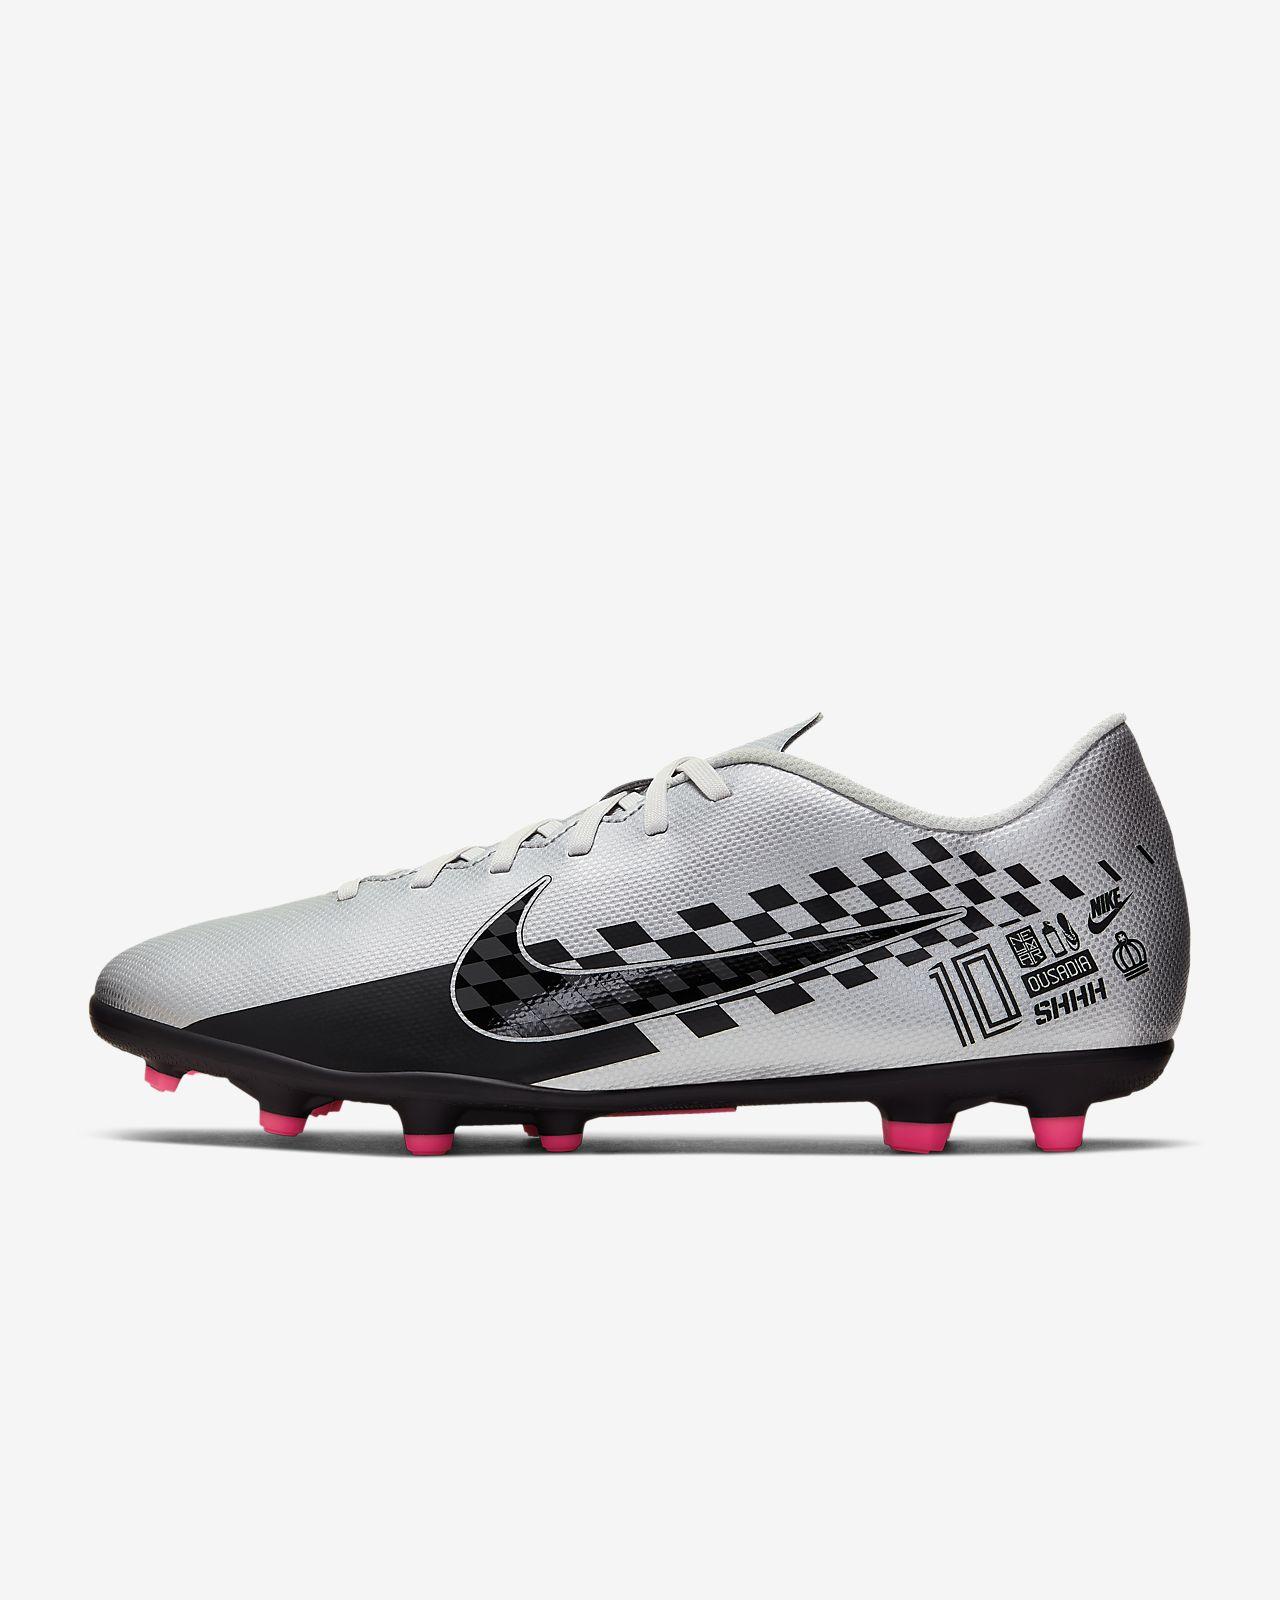 Fotbollssko för varierat underlag Nike Mercurial Vapor 13 Club Neymar Jr. MG